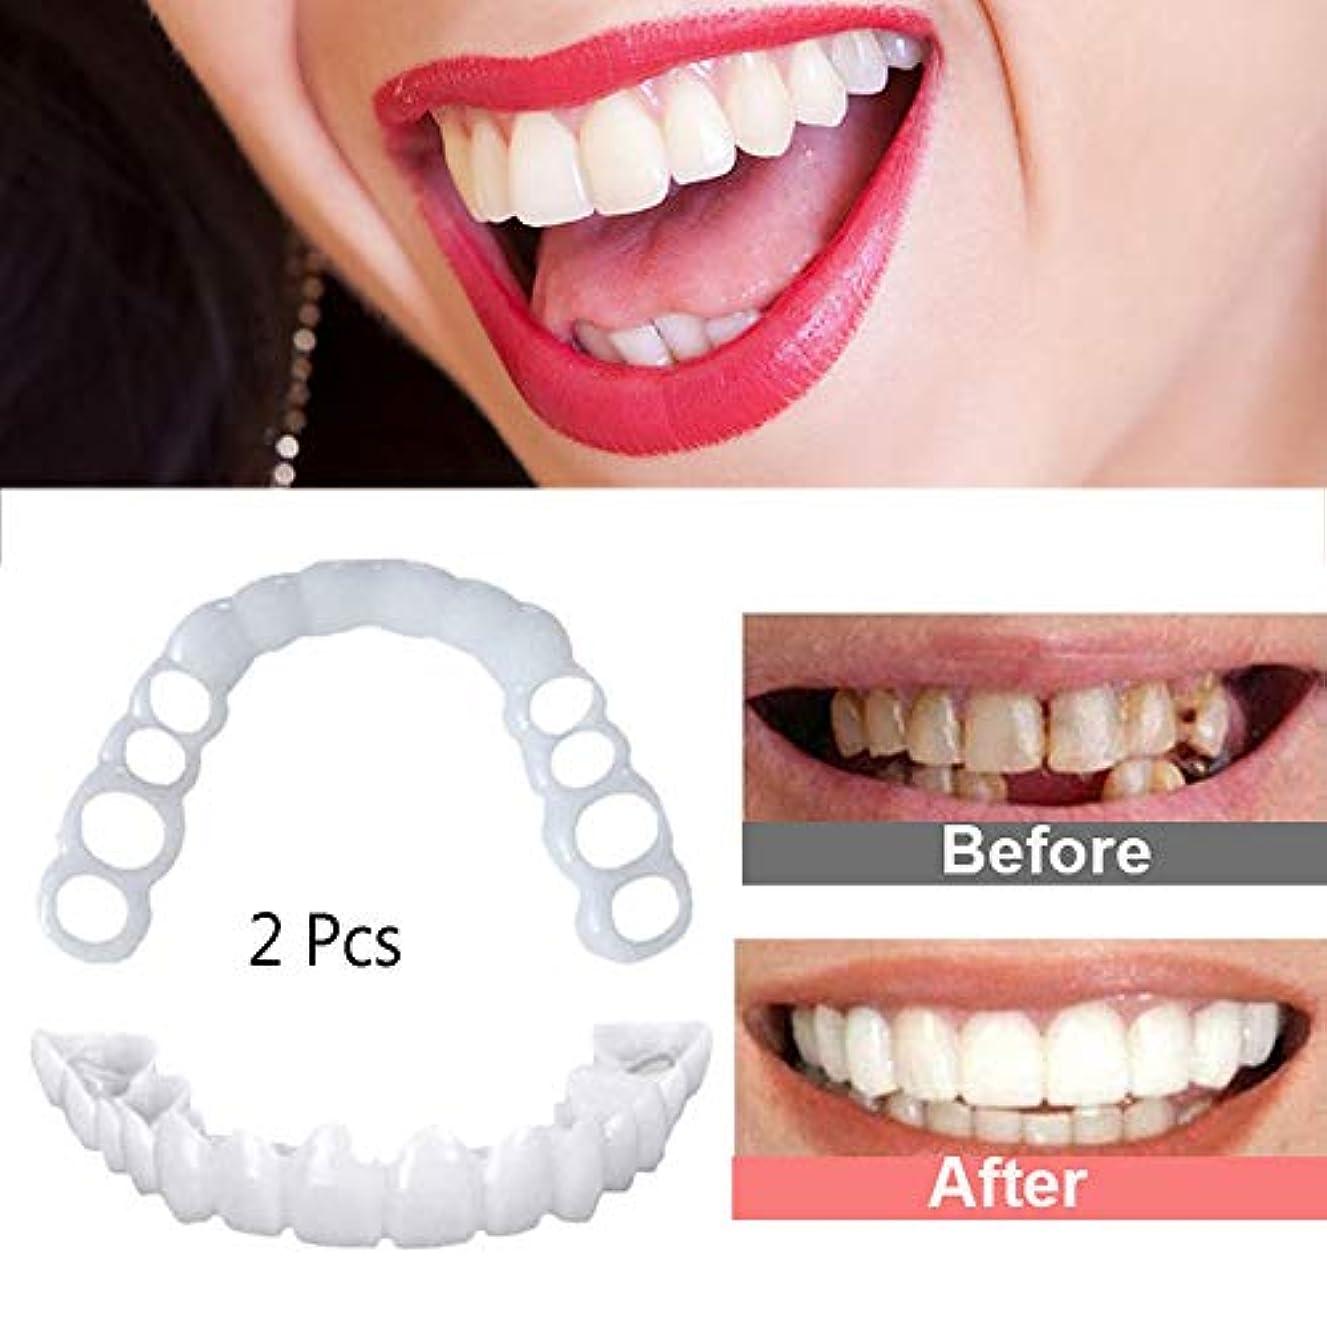 セールスマン大洪水ハミングバード偽の歯パーフェクトフィットスナップを笑顔に美白笑顔化粧品快適なベニヤカバー偽の歯、1セット